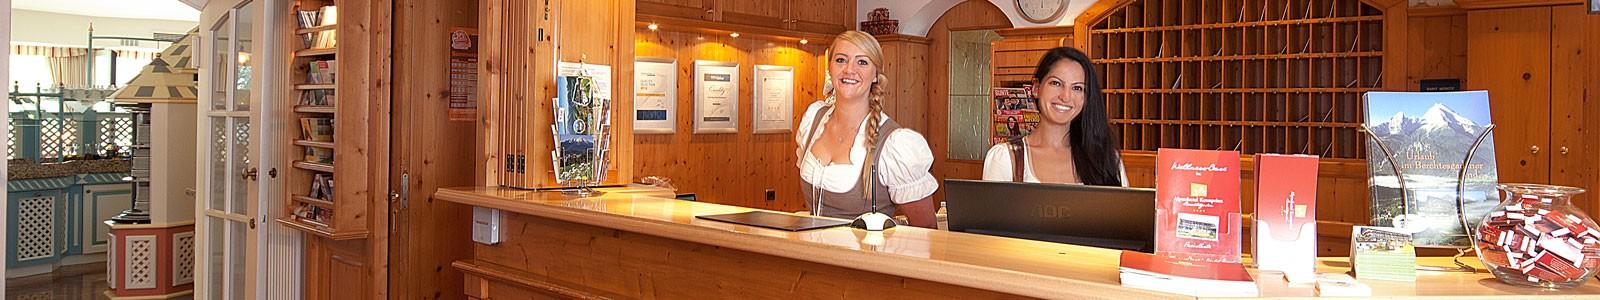 Hotel Kronprinz Berchtesgaden